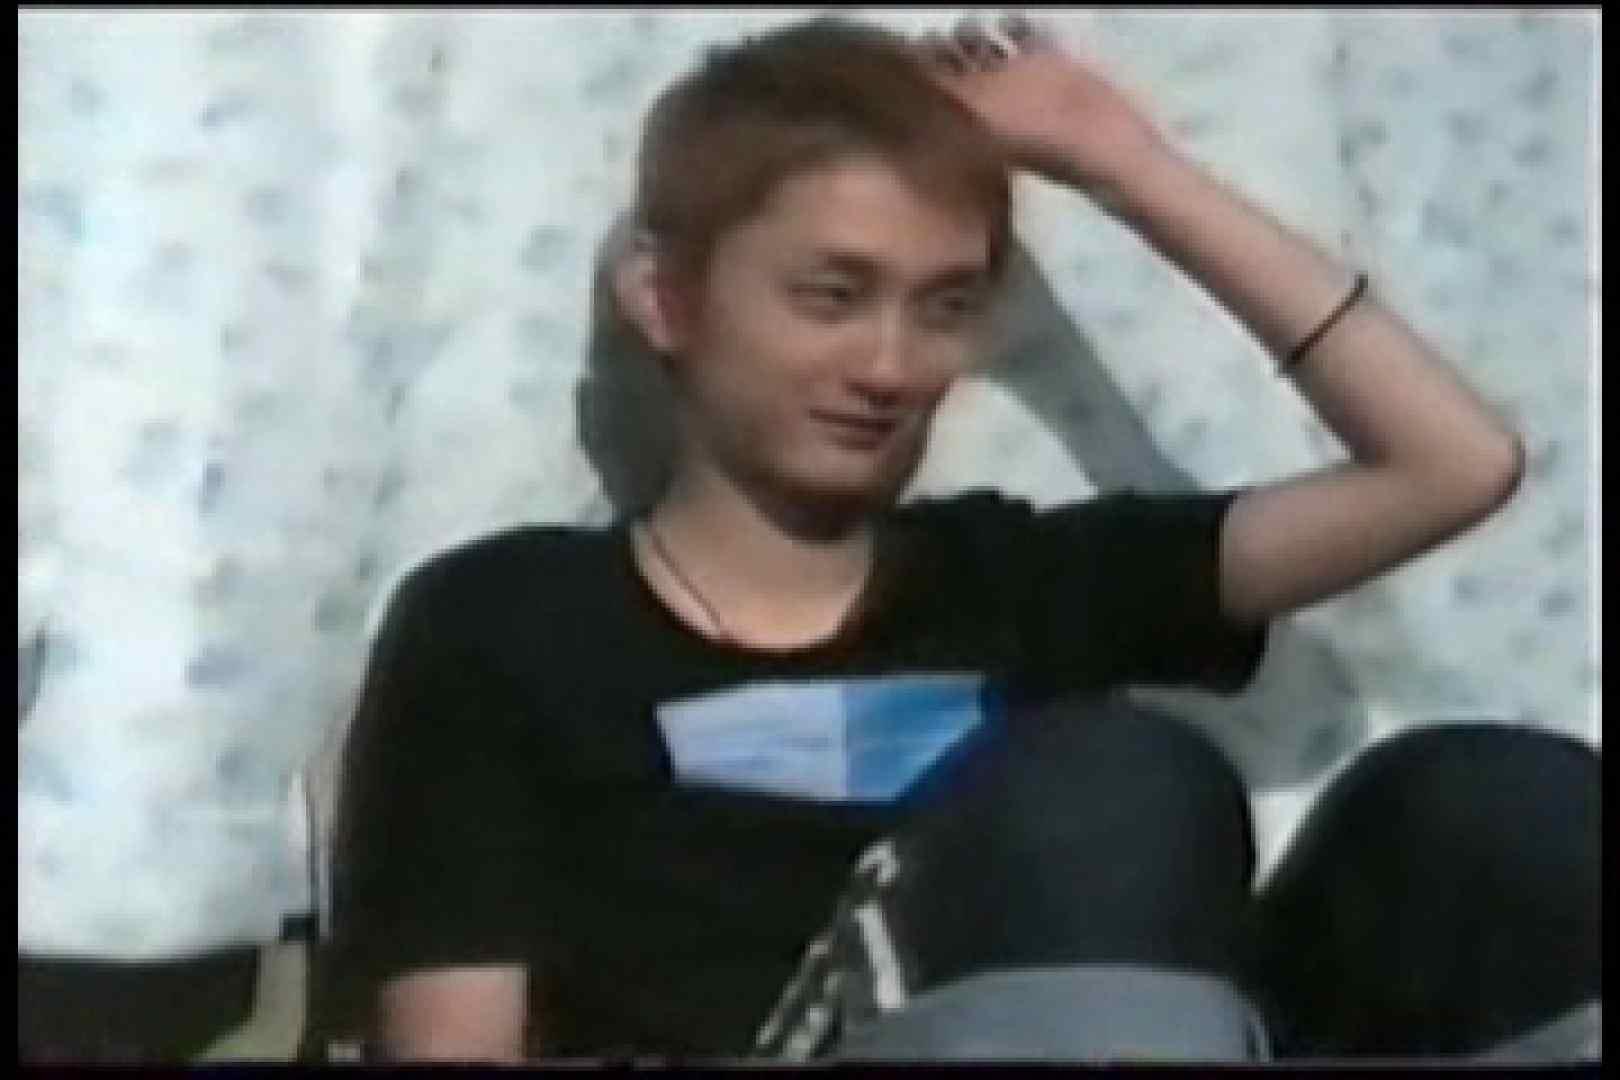 【流出】アイドルを目指したジャニ系イケメンの過去 包茎 ゲイ無料エロ画像 72pic 27